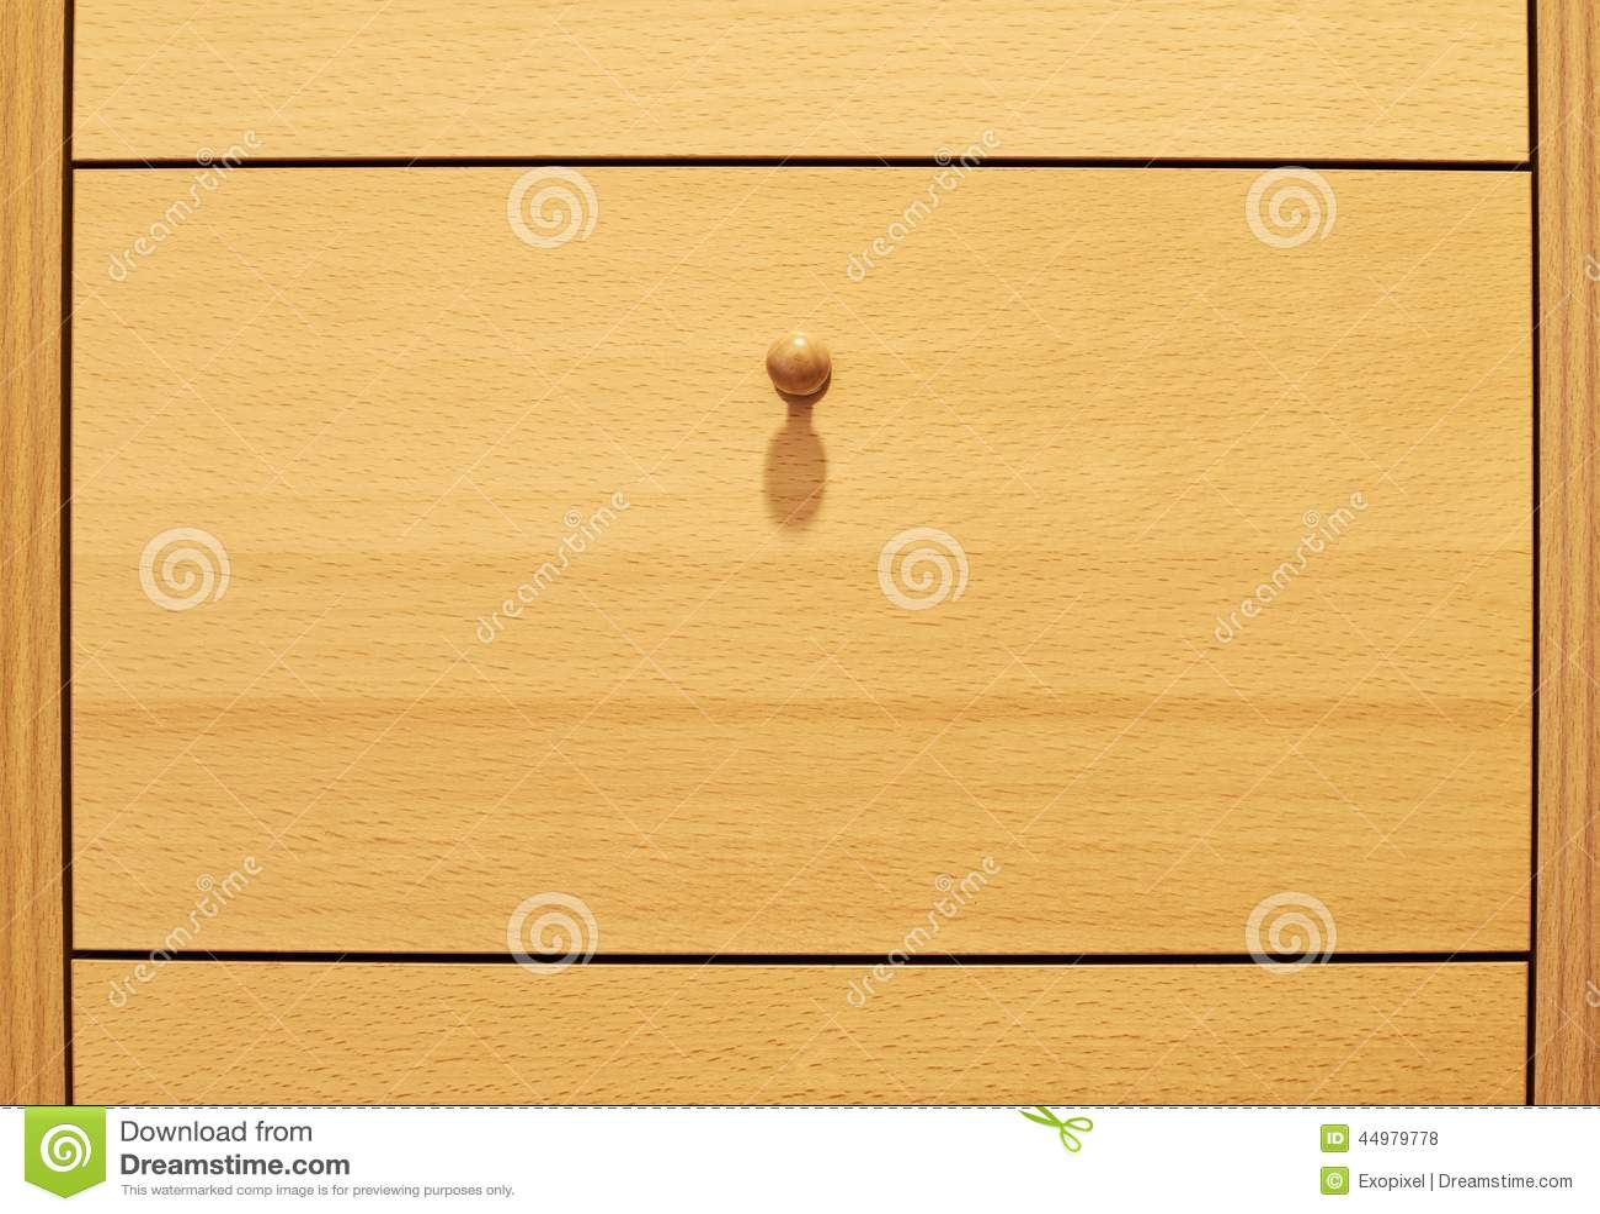 Boite En Bois De Tiroir Avec Une Poignee Photo Stock Image Du